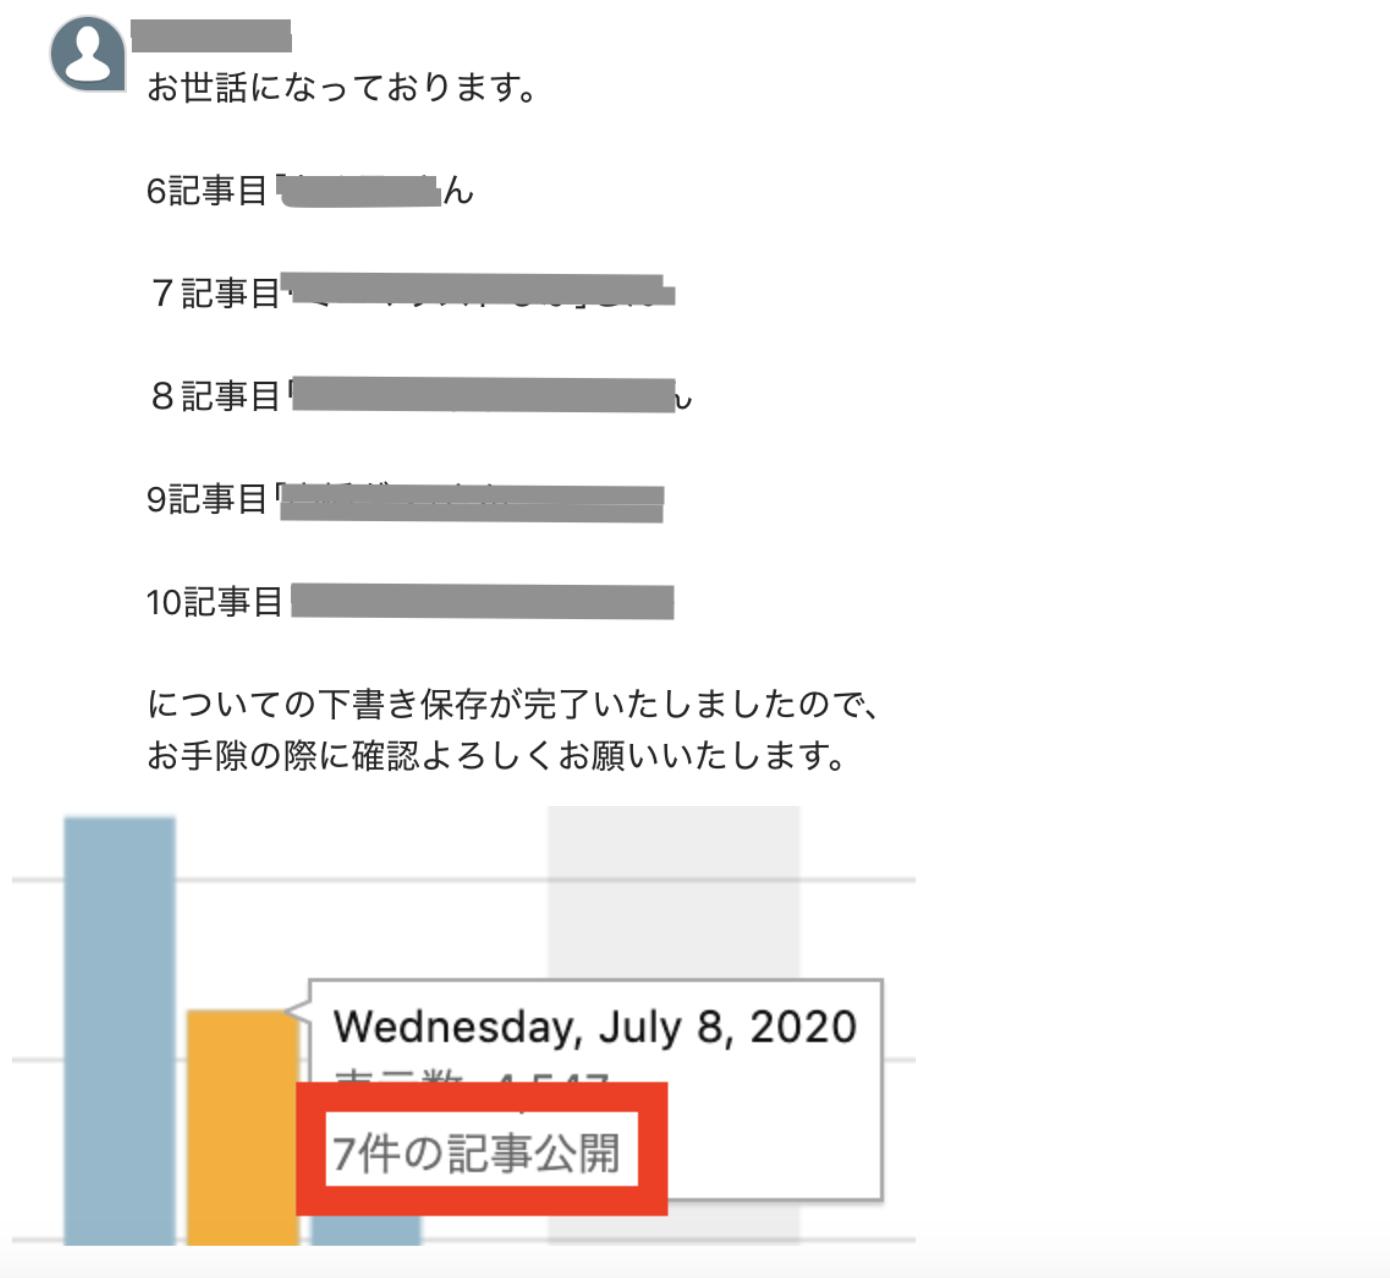 スクリーンショット 2020-07-30 23.35.32